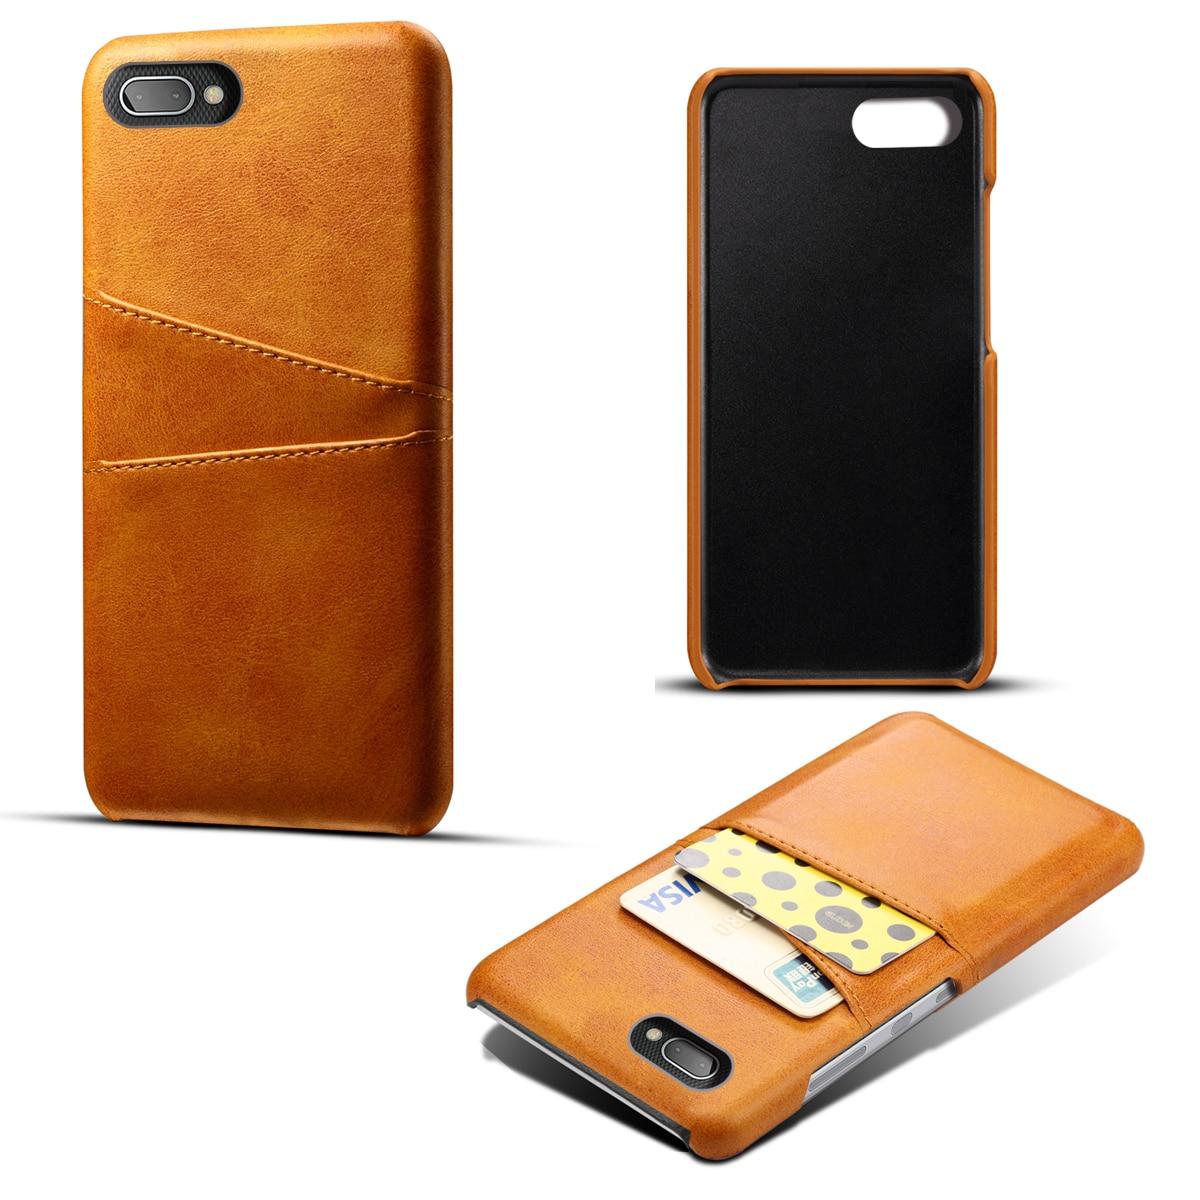 Для BlackBerry Key2 чехол телячья кожа ретро PU кожаный чехол с отделениями для карт против царапин защитный чехол для BlackBerry Key2 LE